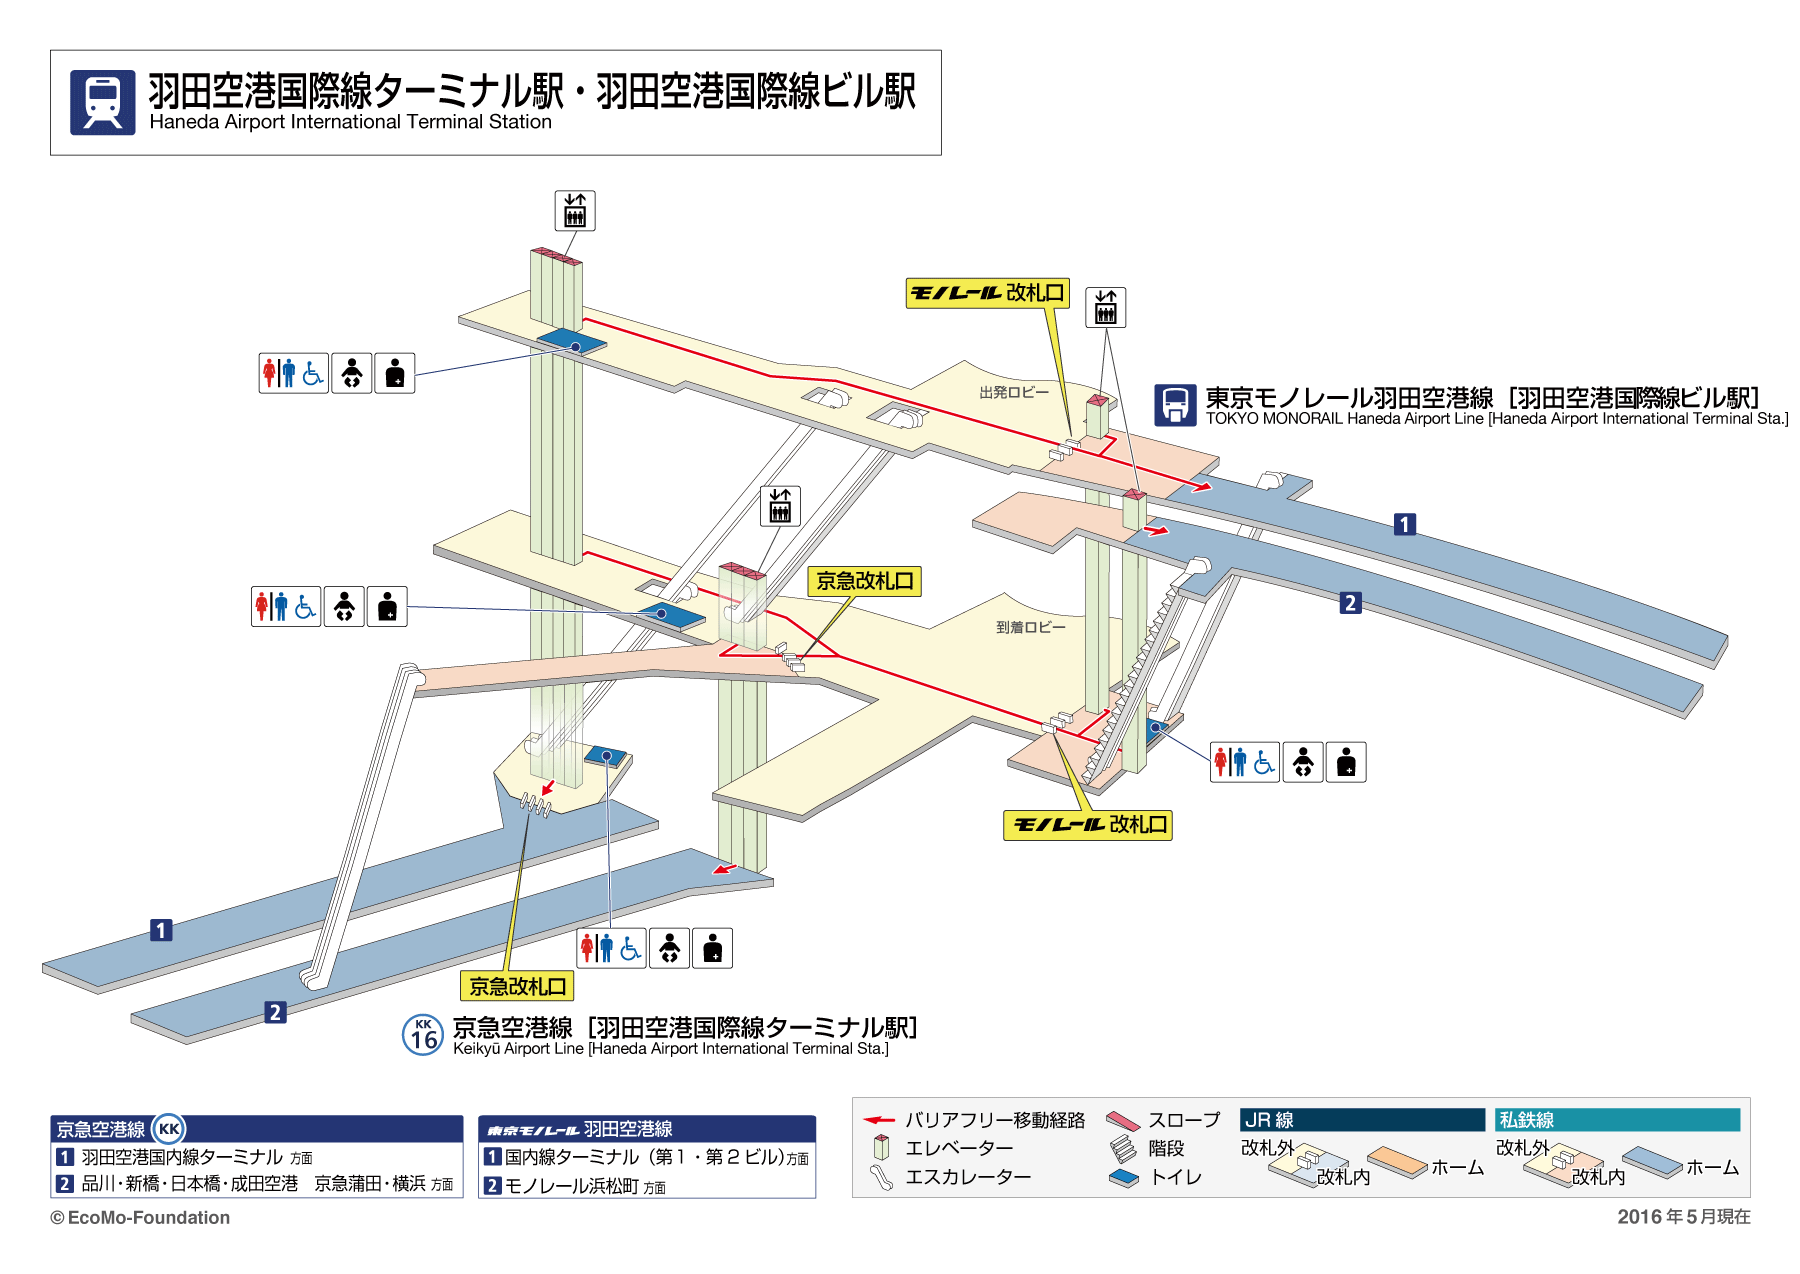 駅 羽田 三 空港 第 ターミナル 京急羽田空港第3ターミナル駅の3代目メロディ「パプリカ」に